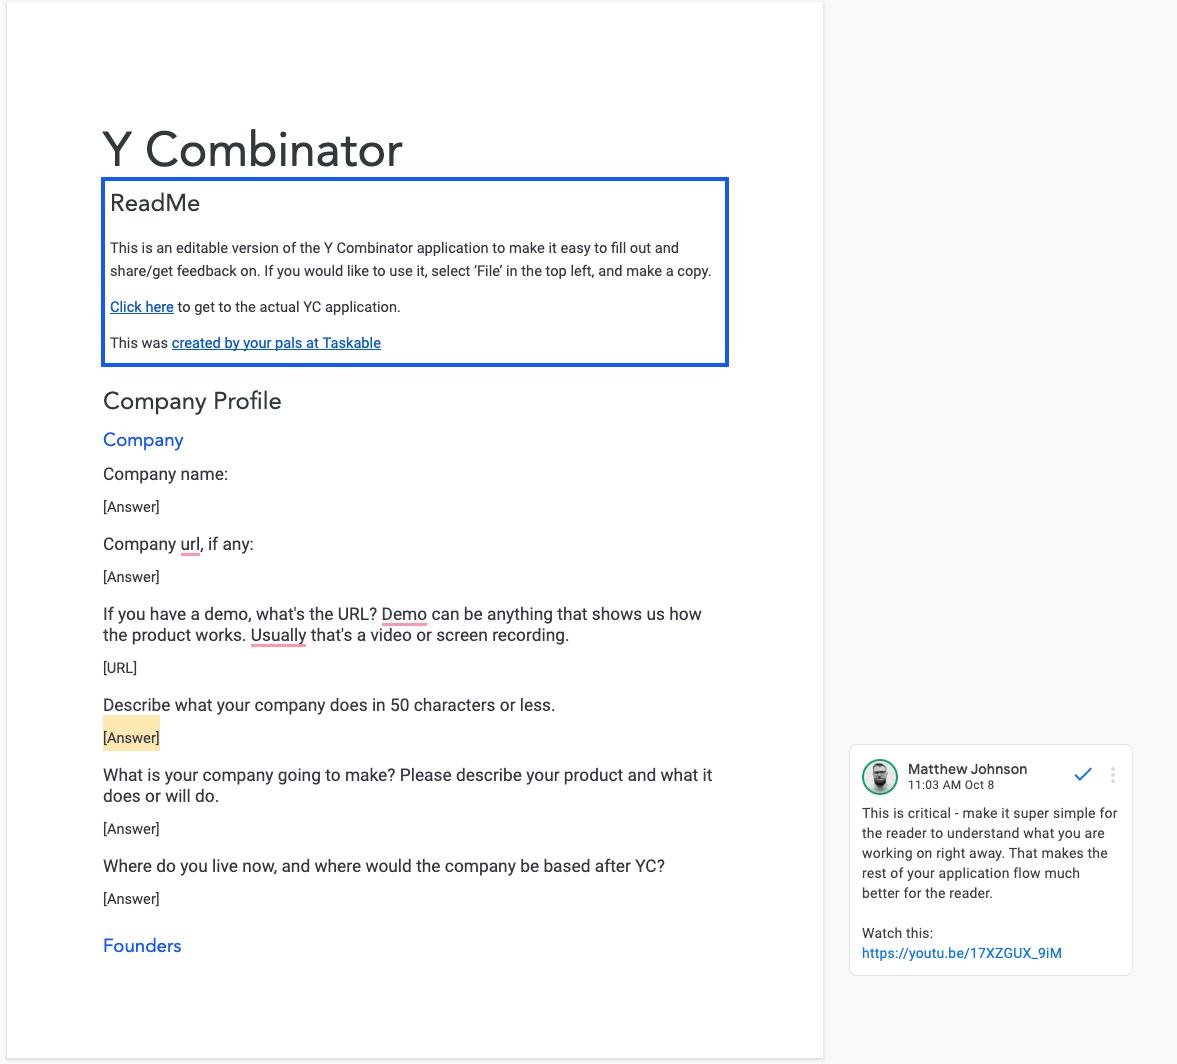 Y Combinator Application in Google Docs form